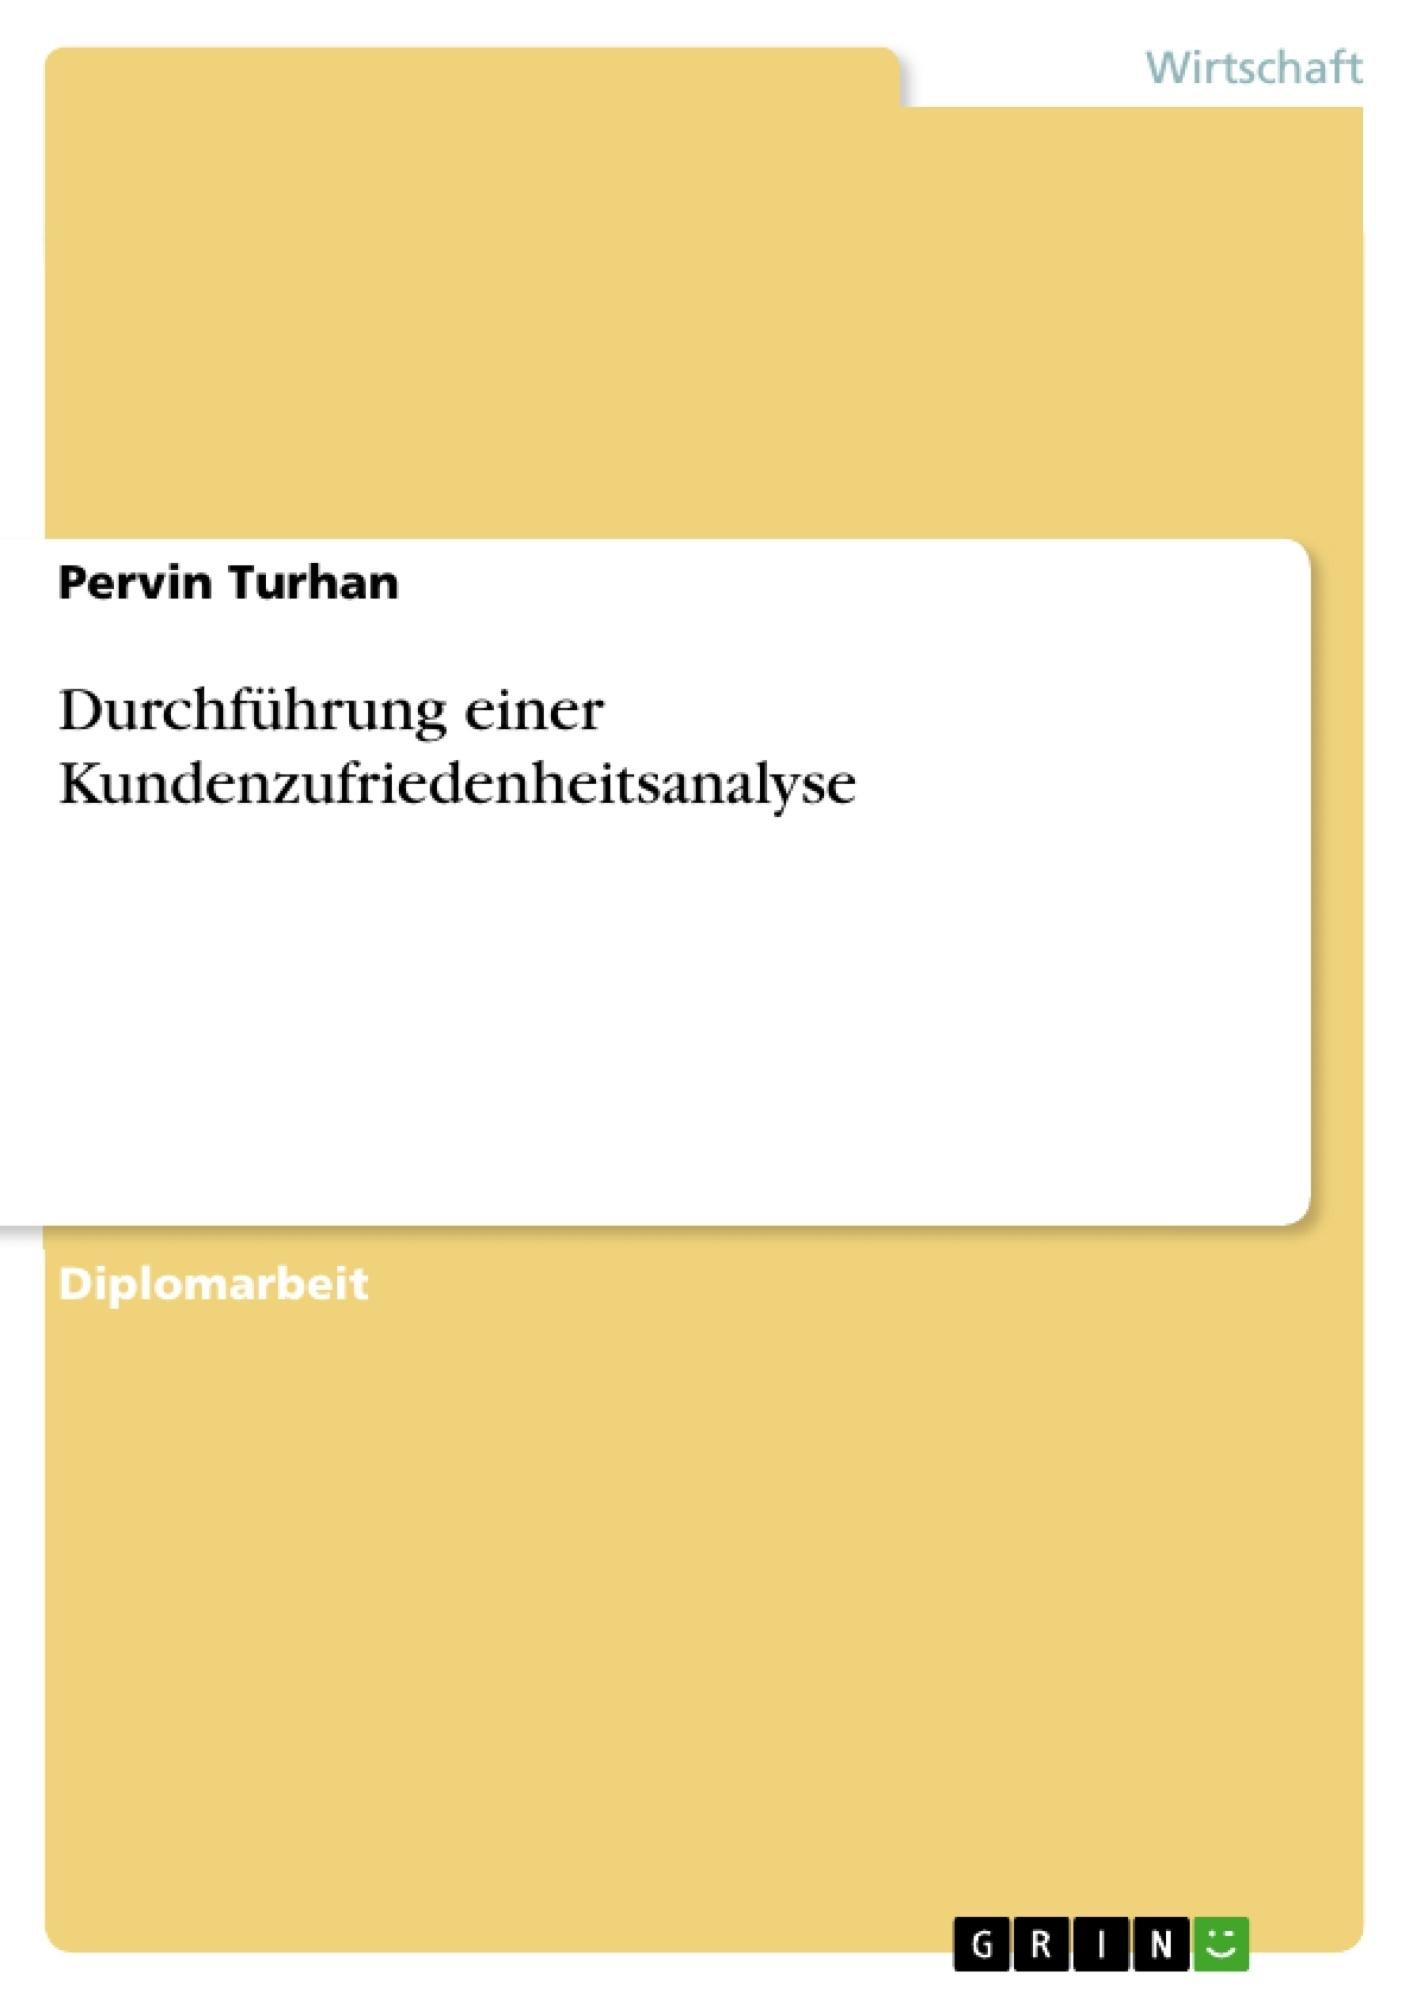 Titel: Durchführung einer Kundenzufriedenheitsanalyse